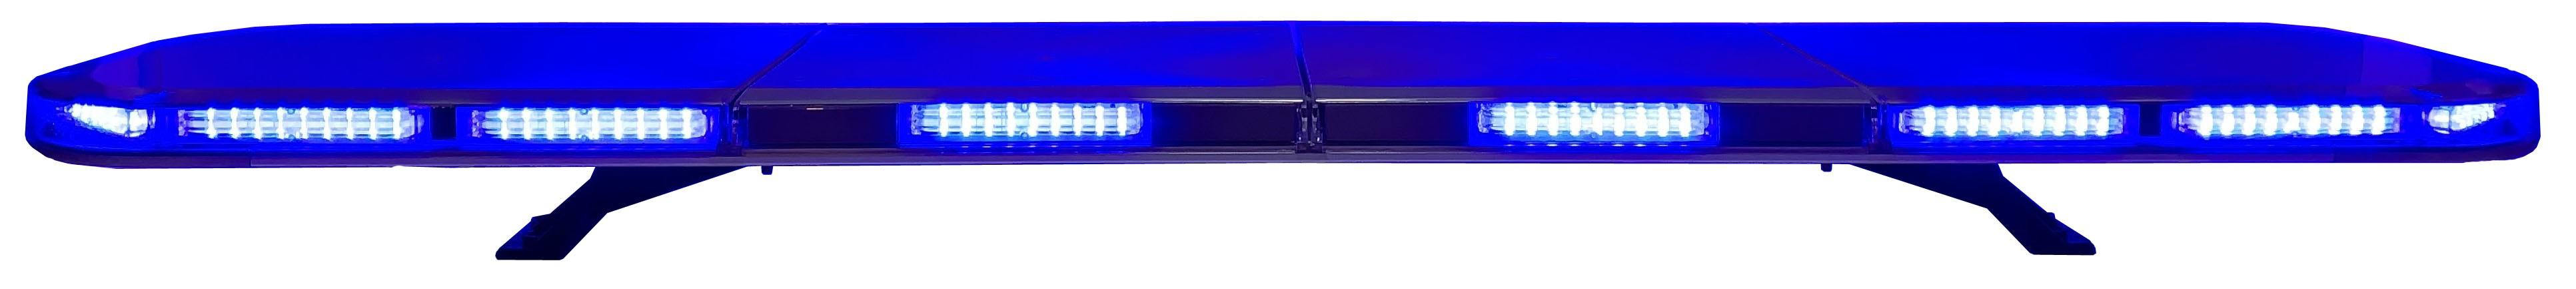 BELKA OSTRZEGAWCZA LED 150cm KOGUT NA DACH STRAŻ